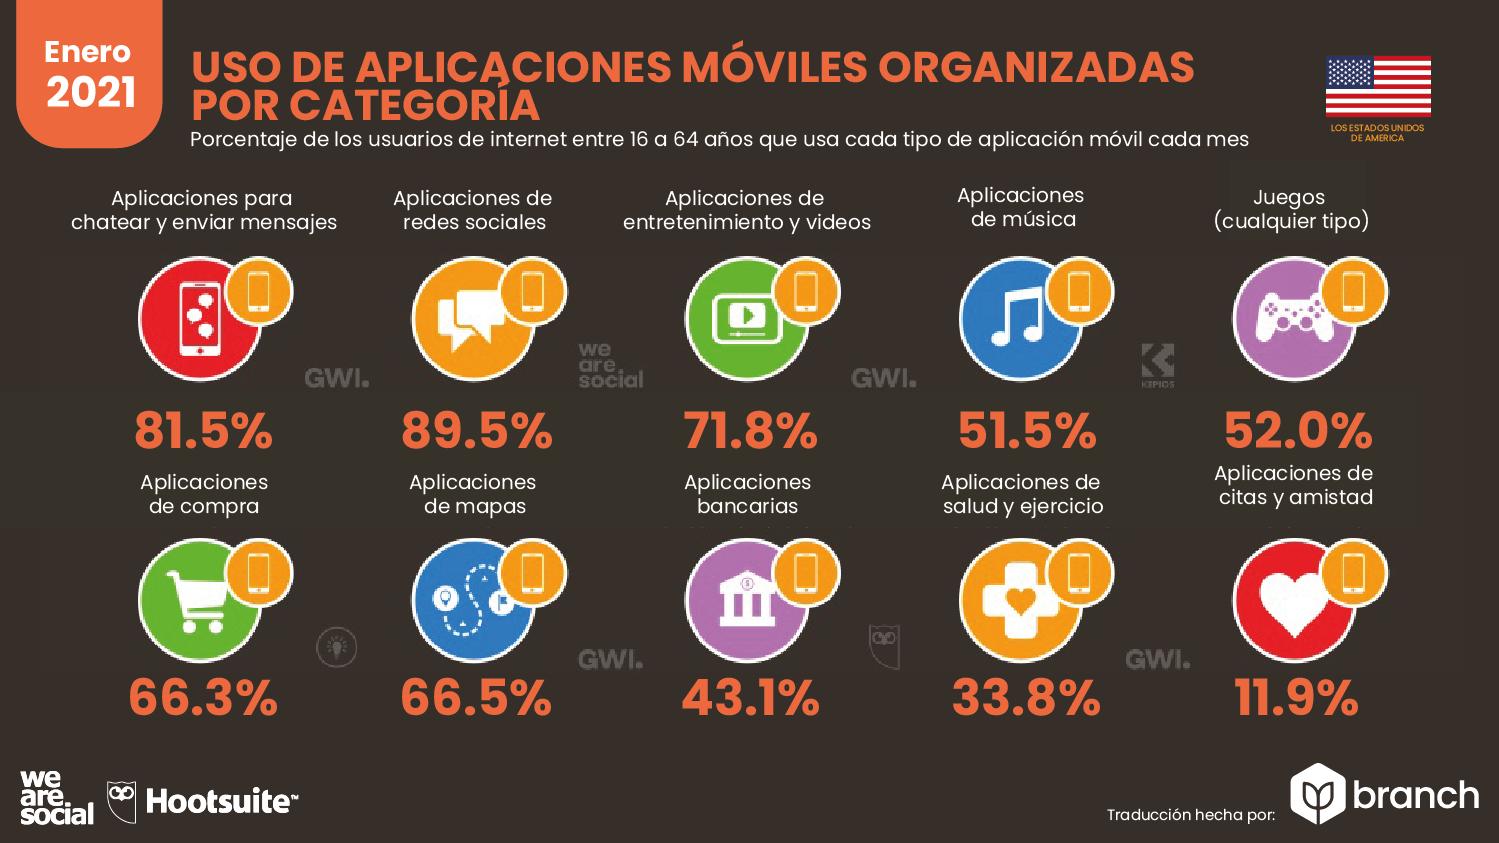 uso-de-aplicaciones-organizadas-por-categoria-usa-2020-2021